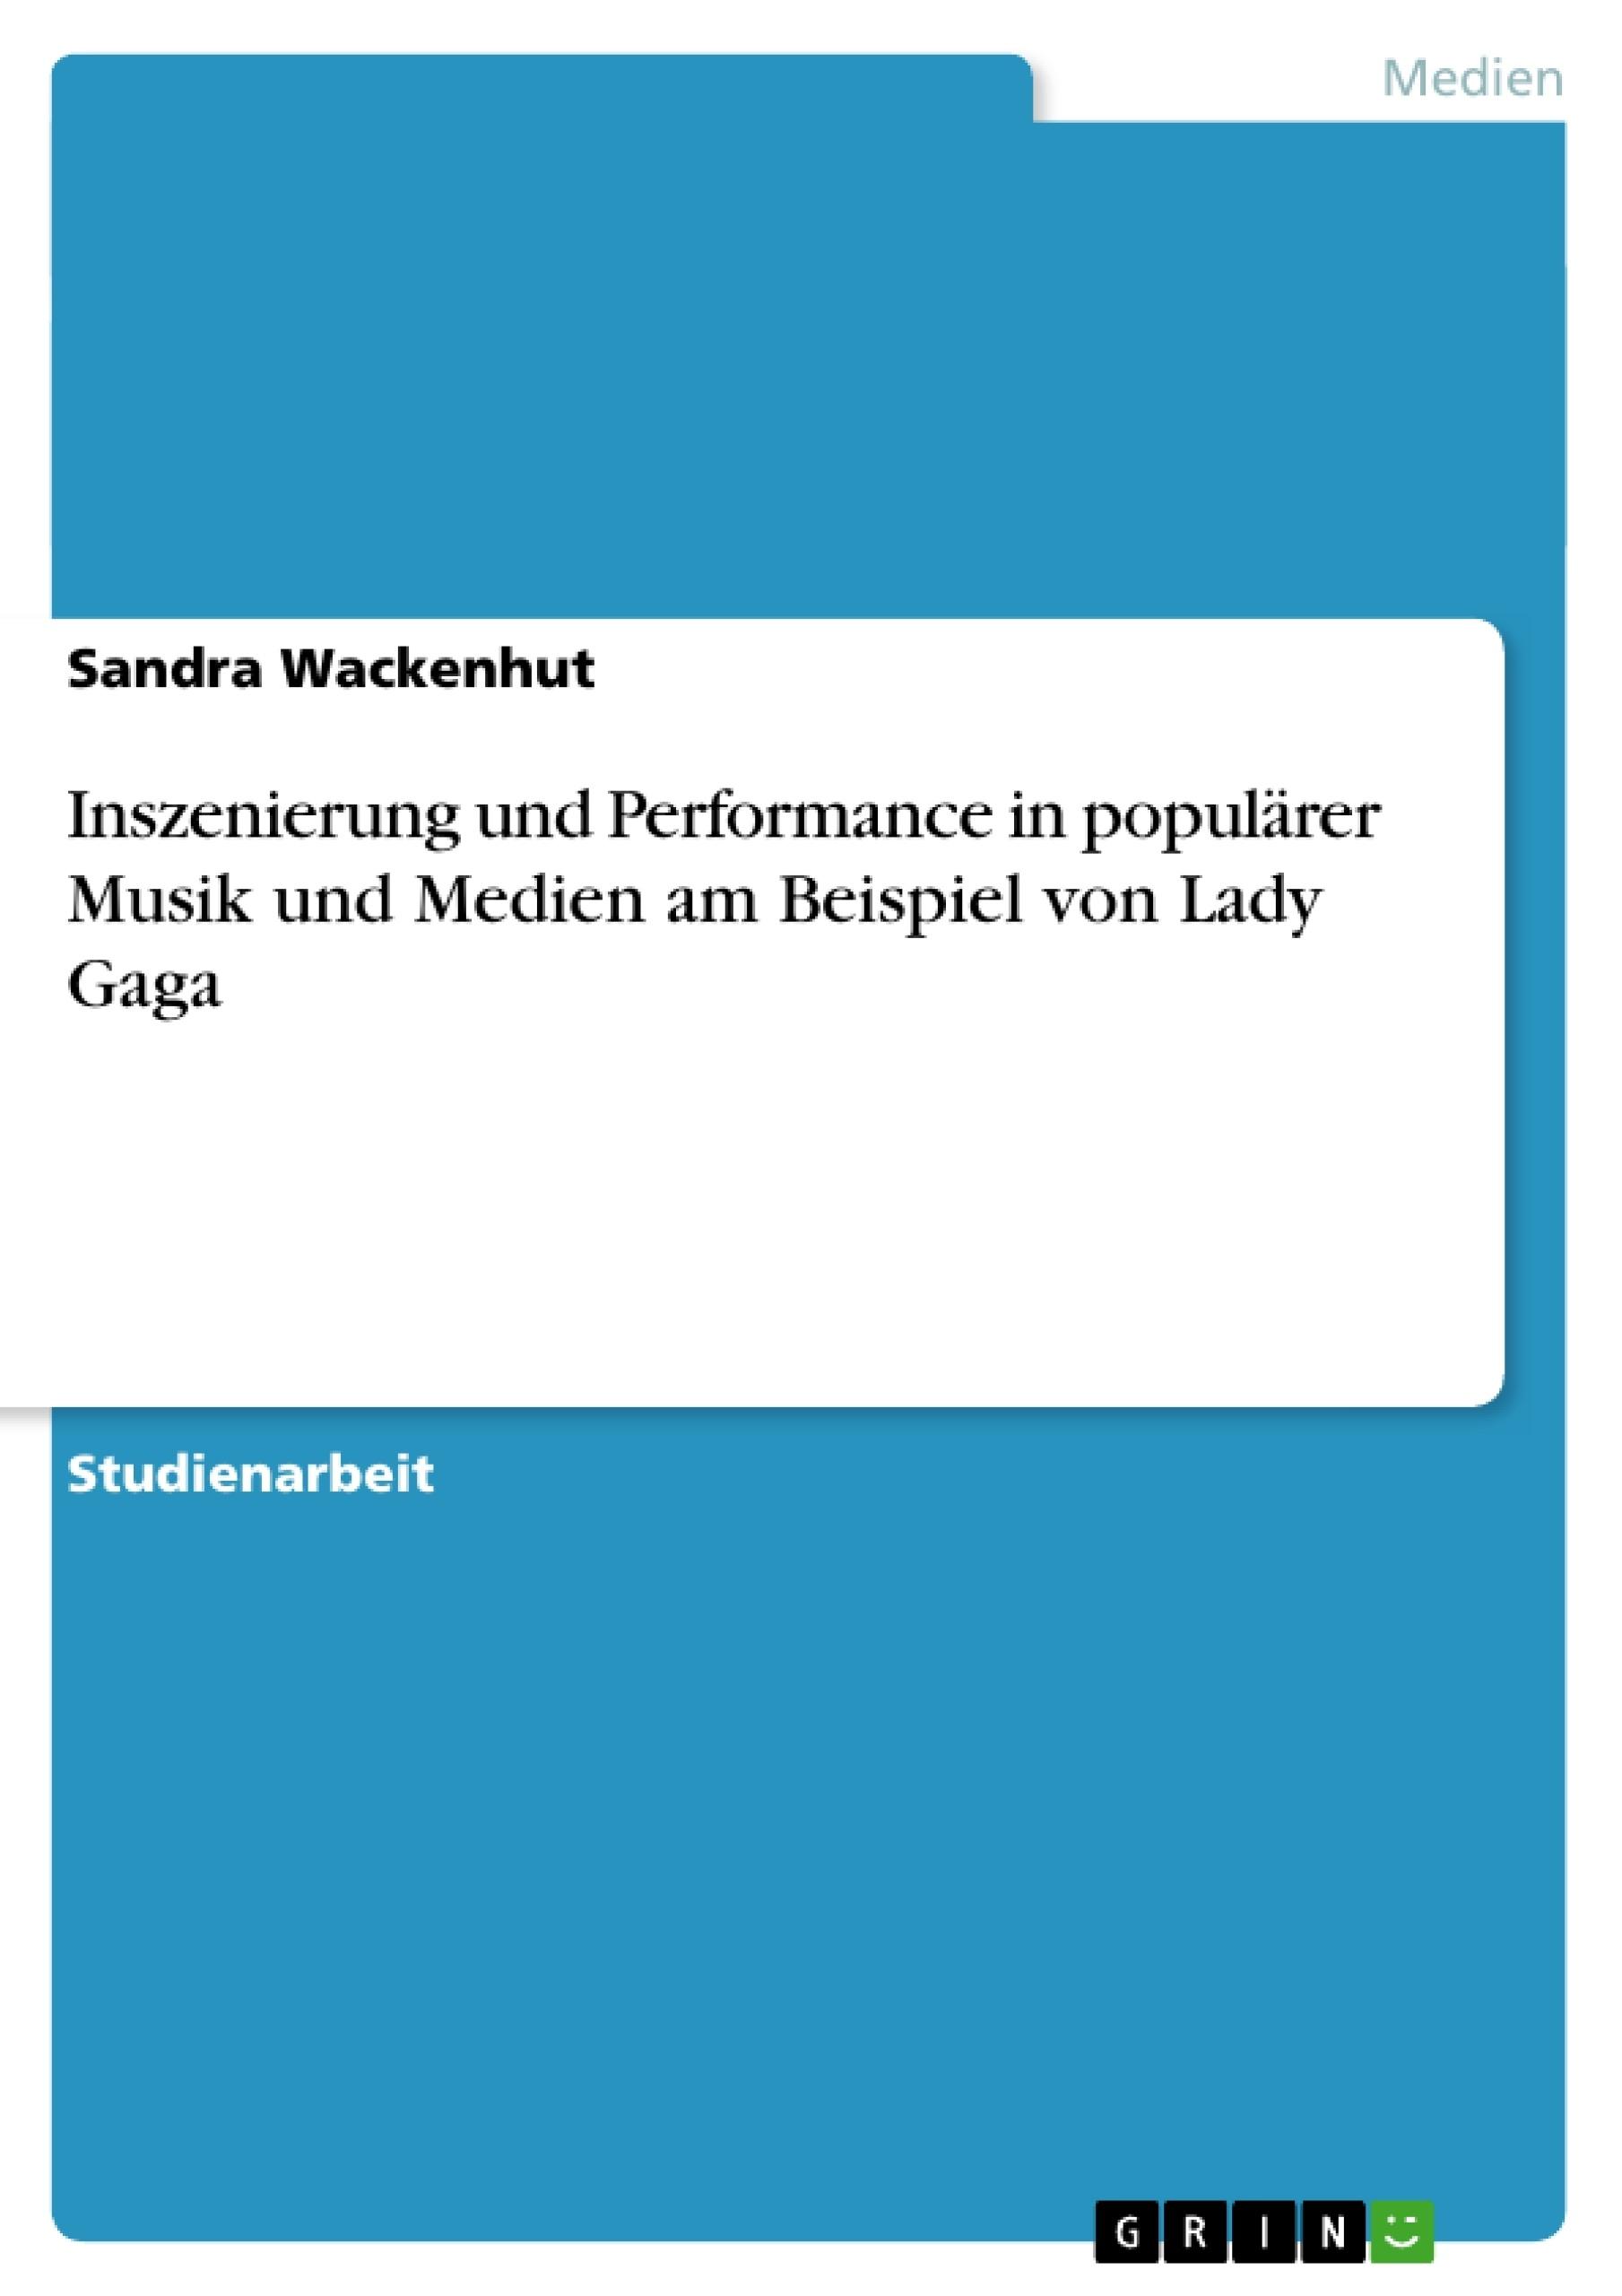 Titel: Inszenierung und Performance in populärer Musik und Medien am Beispiel von Lady Gaga